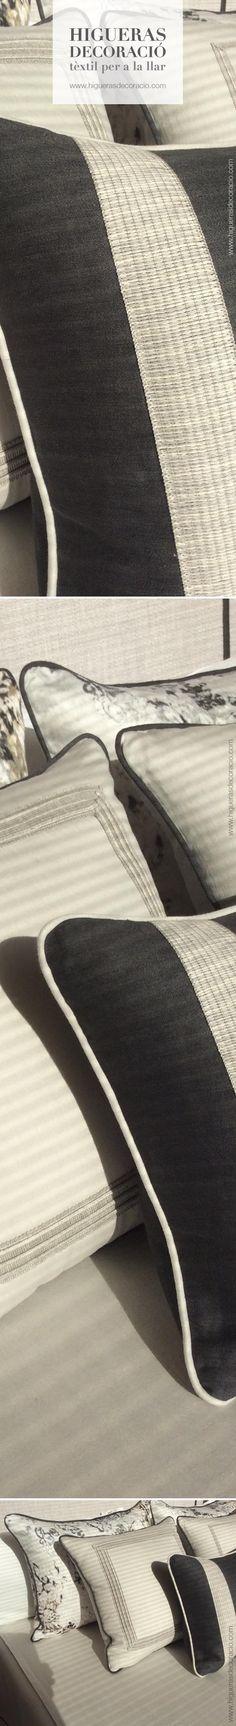 #Cojines de seda de diferentes colores y tamaños. #Cojín estampado con sutiles pinceladas florales. #Cojín con elementos borddados.  #Coixins de seda de diferents colors i mides. #Coixí estampat amb subtils pinzellades florals. #Coixí amb elements brodats. www.higuerasdecoracio.com